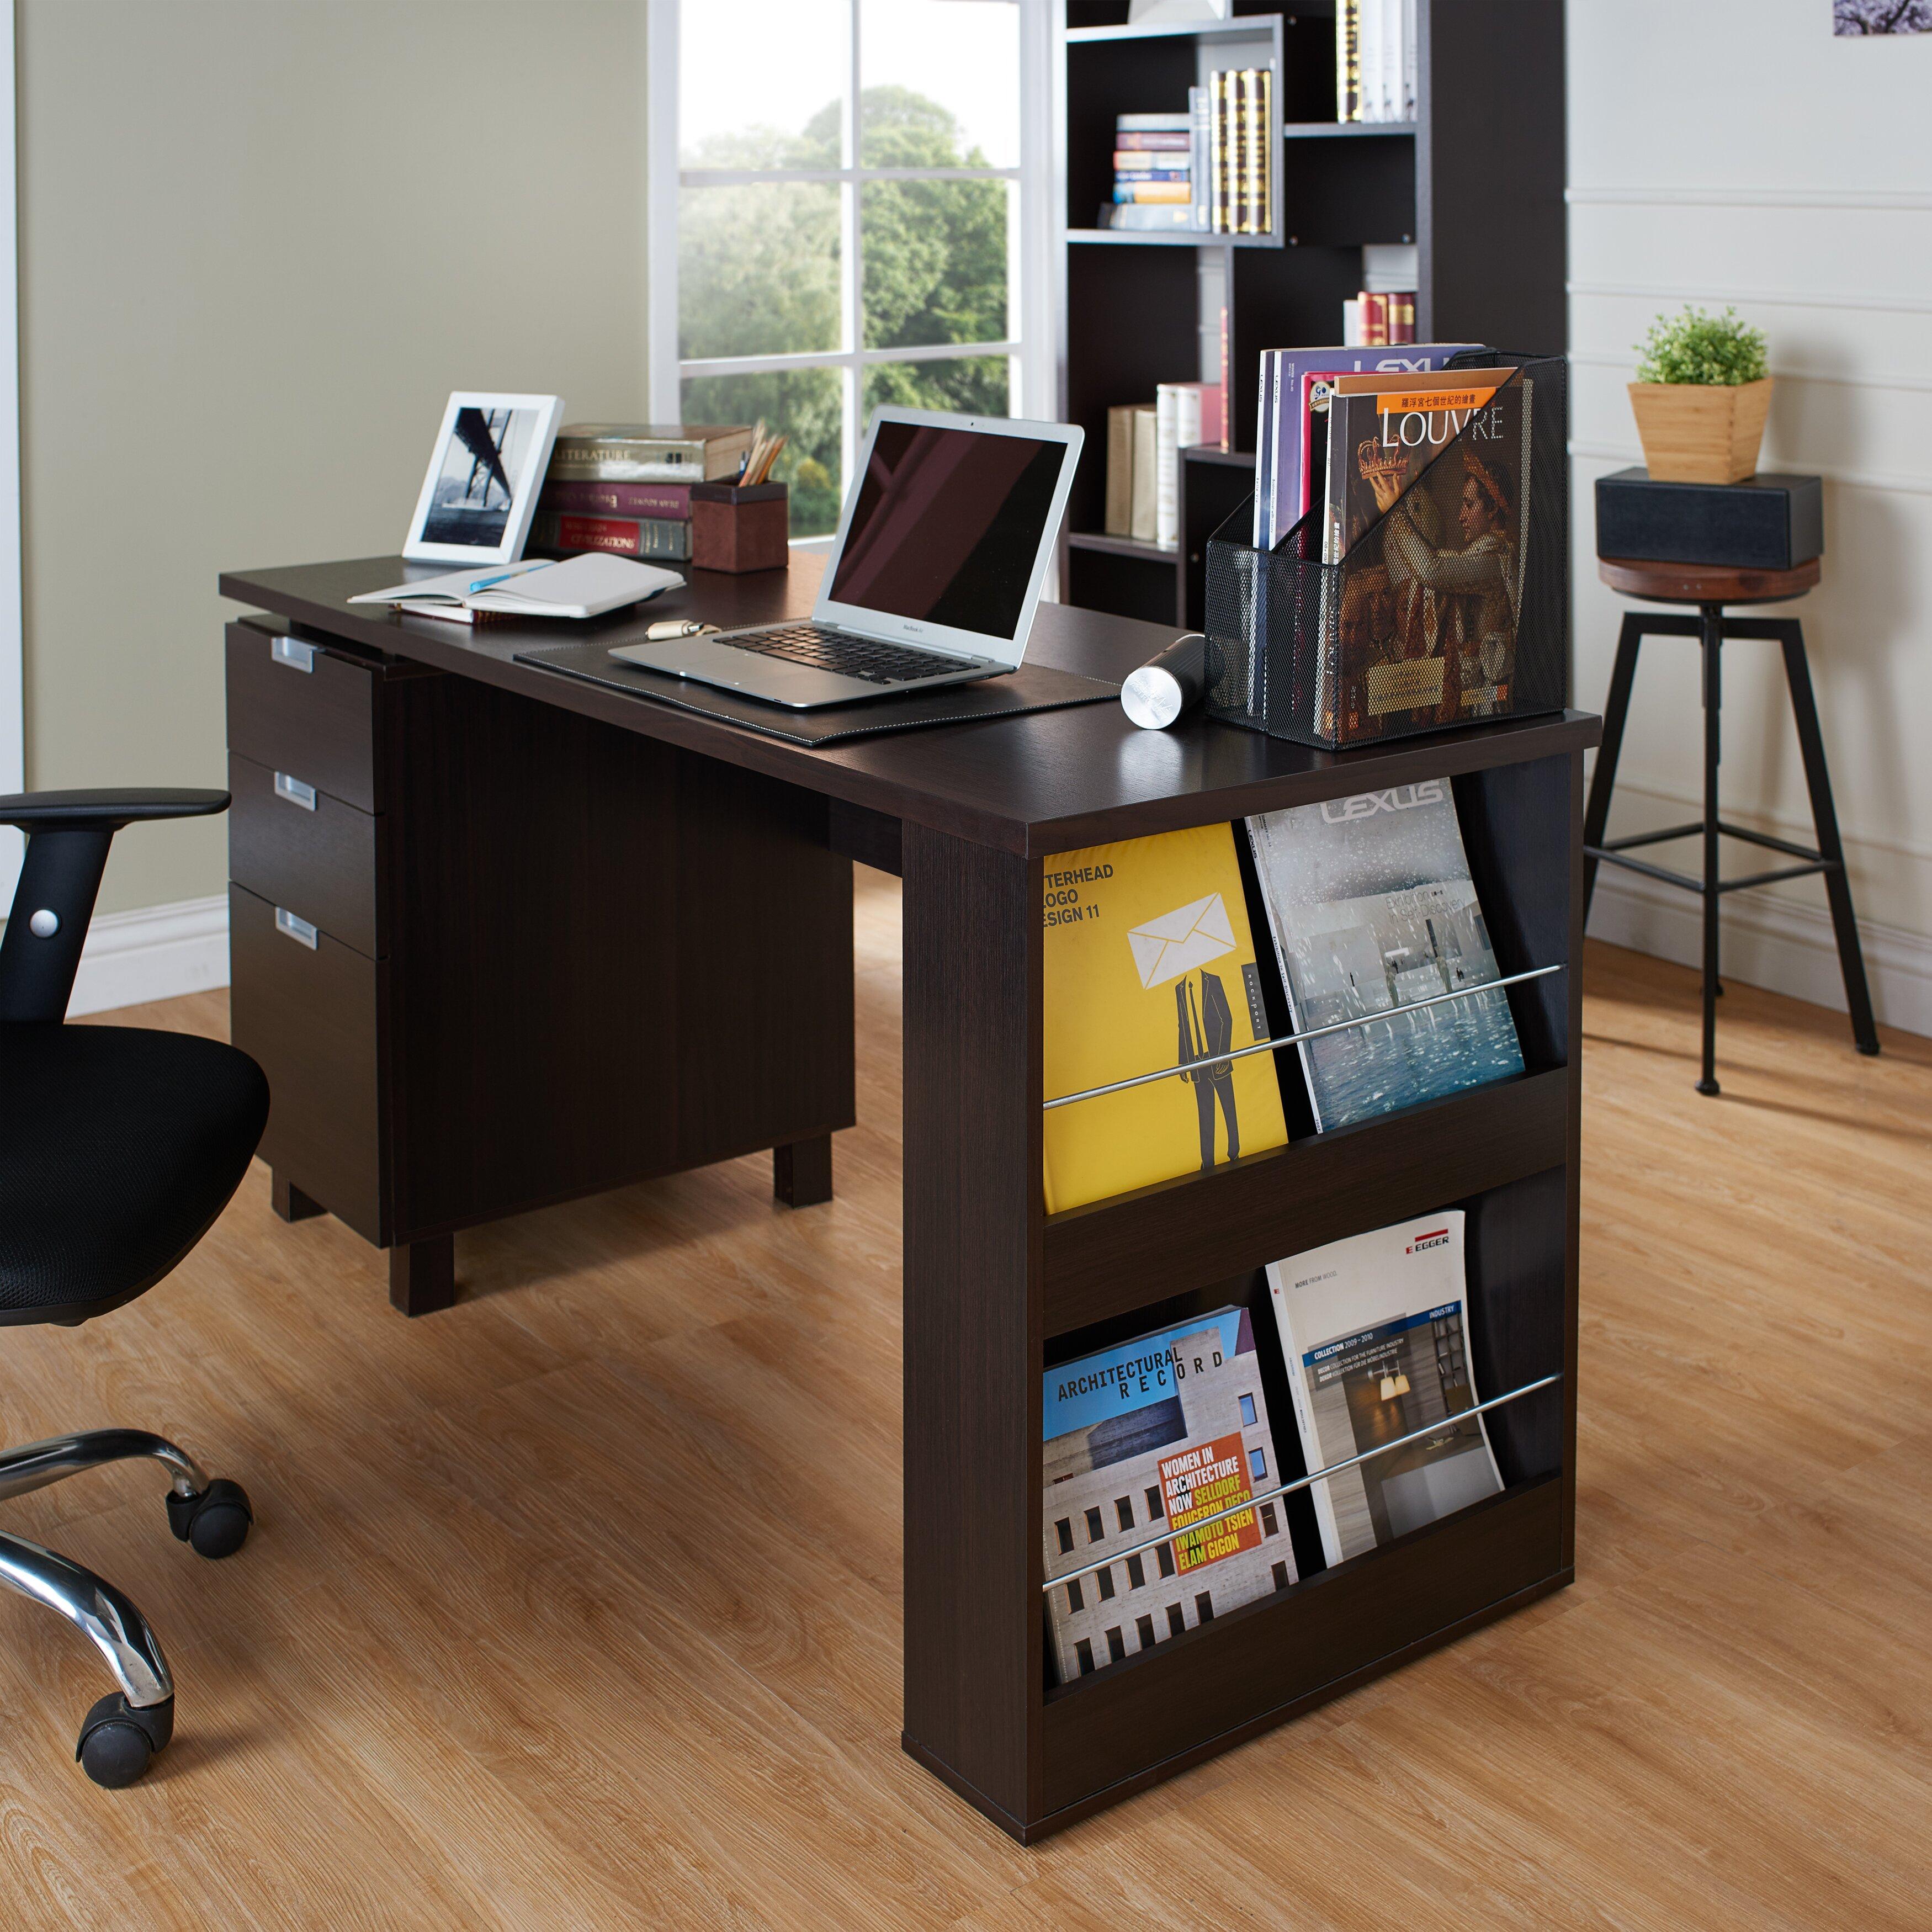 Tuston эспрессо офисный стол со встроенным картотеке компьют.